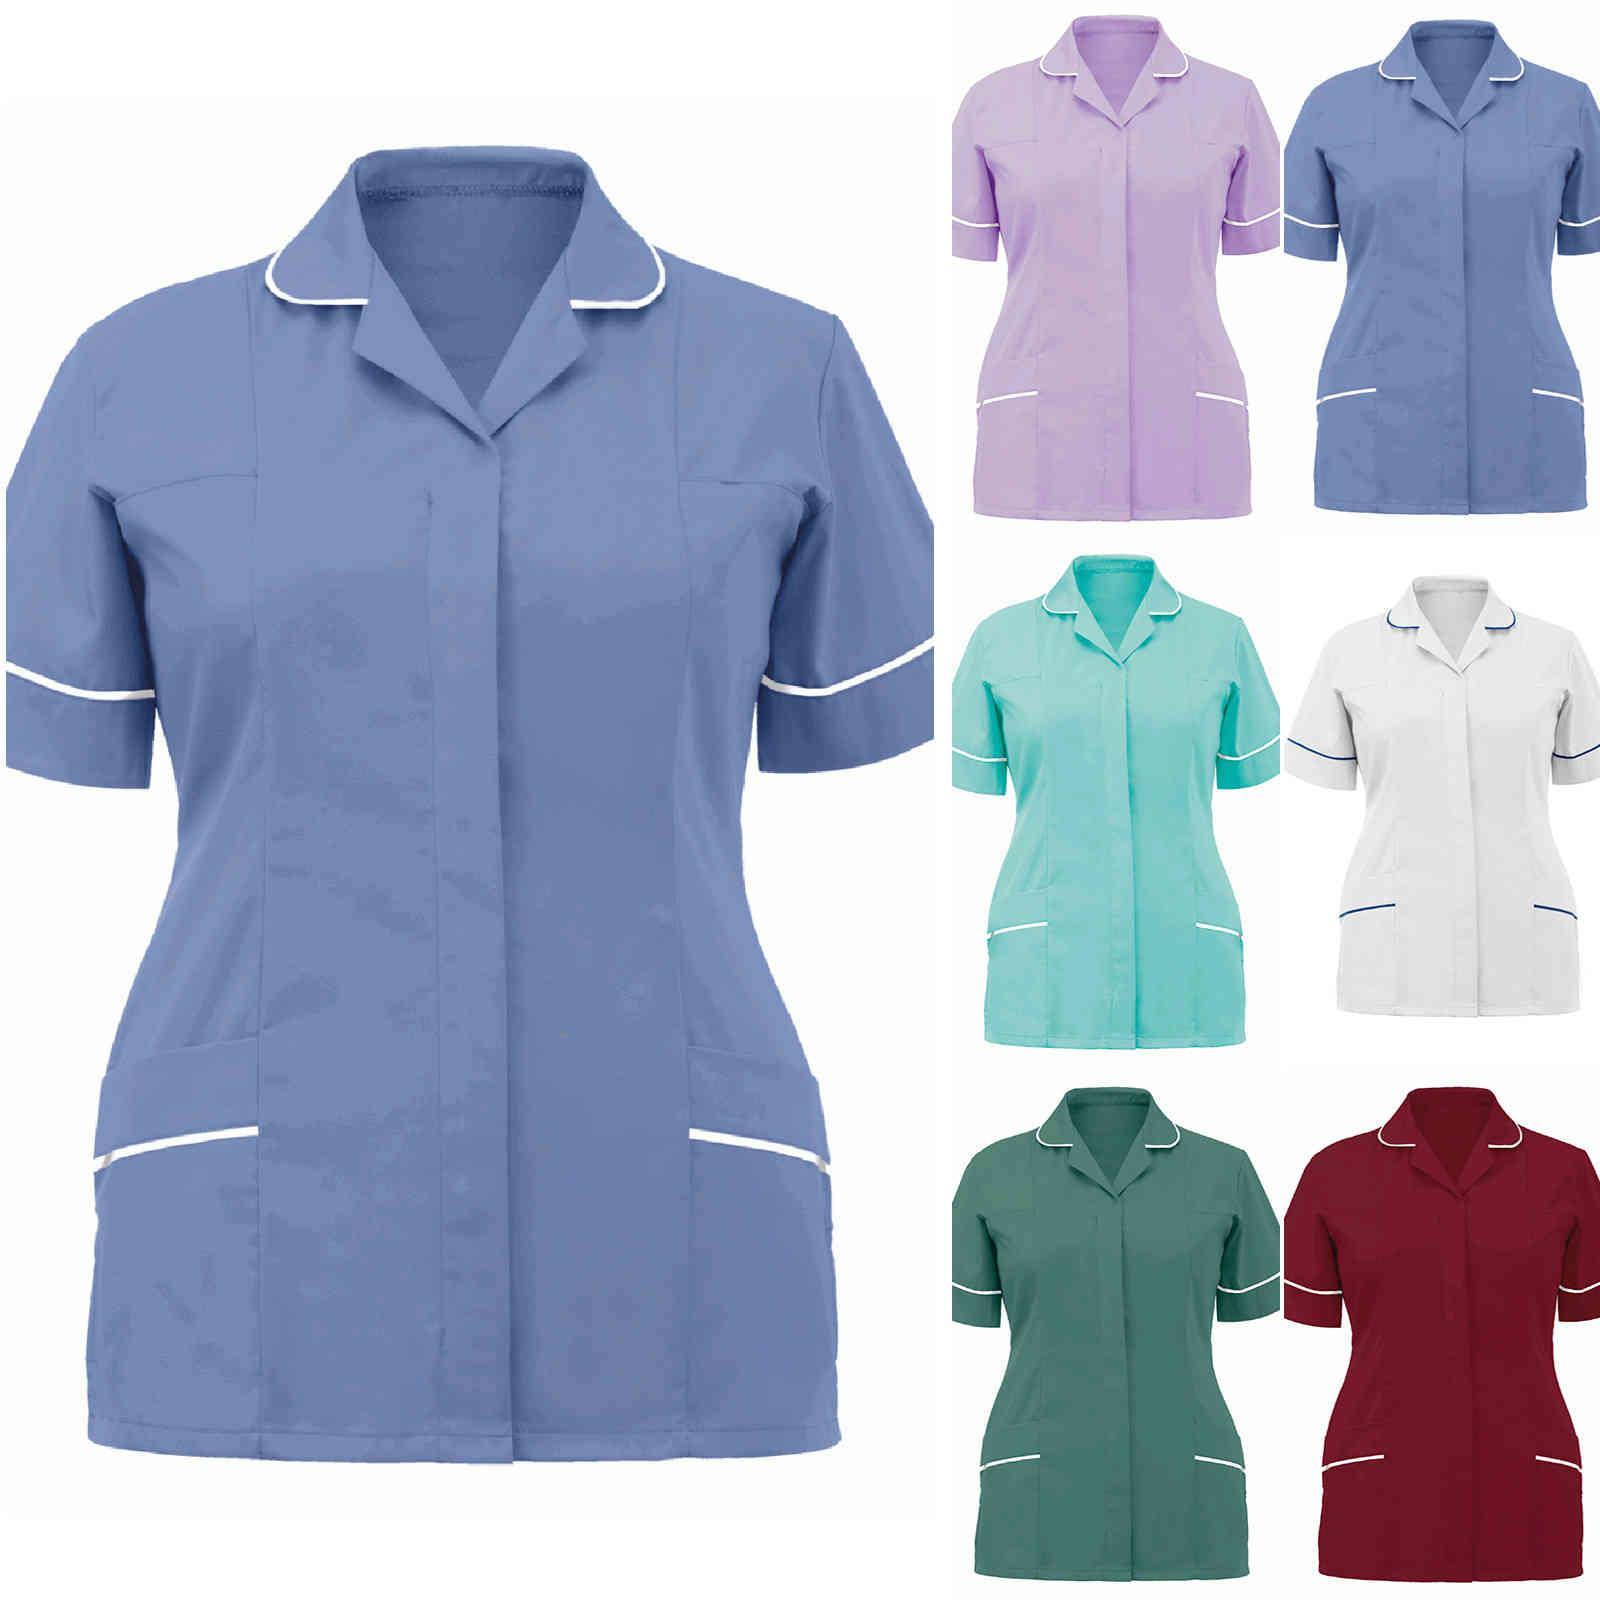 Túnica de las enfermeras de las mujeres Túnica con cuello en V de la camiseta protectora Tops Color sólido Mujer Camisetas Enfermera Uniforme Blusa Top